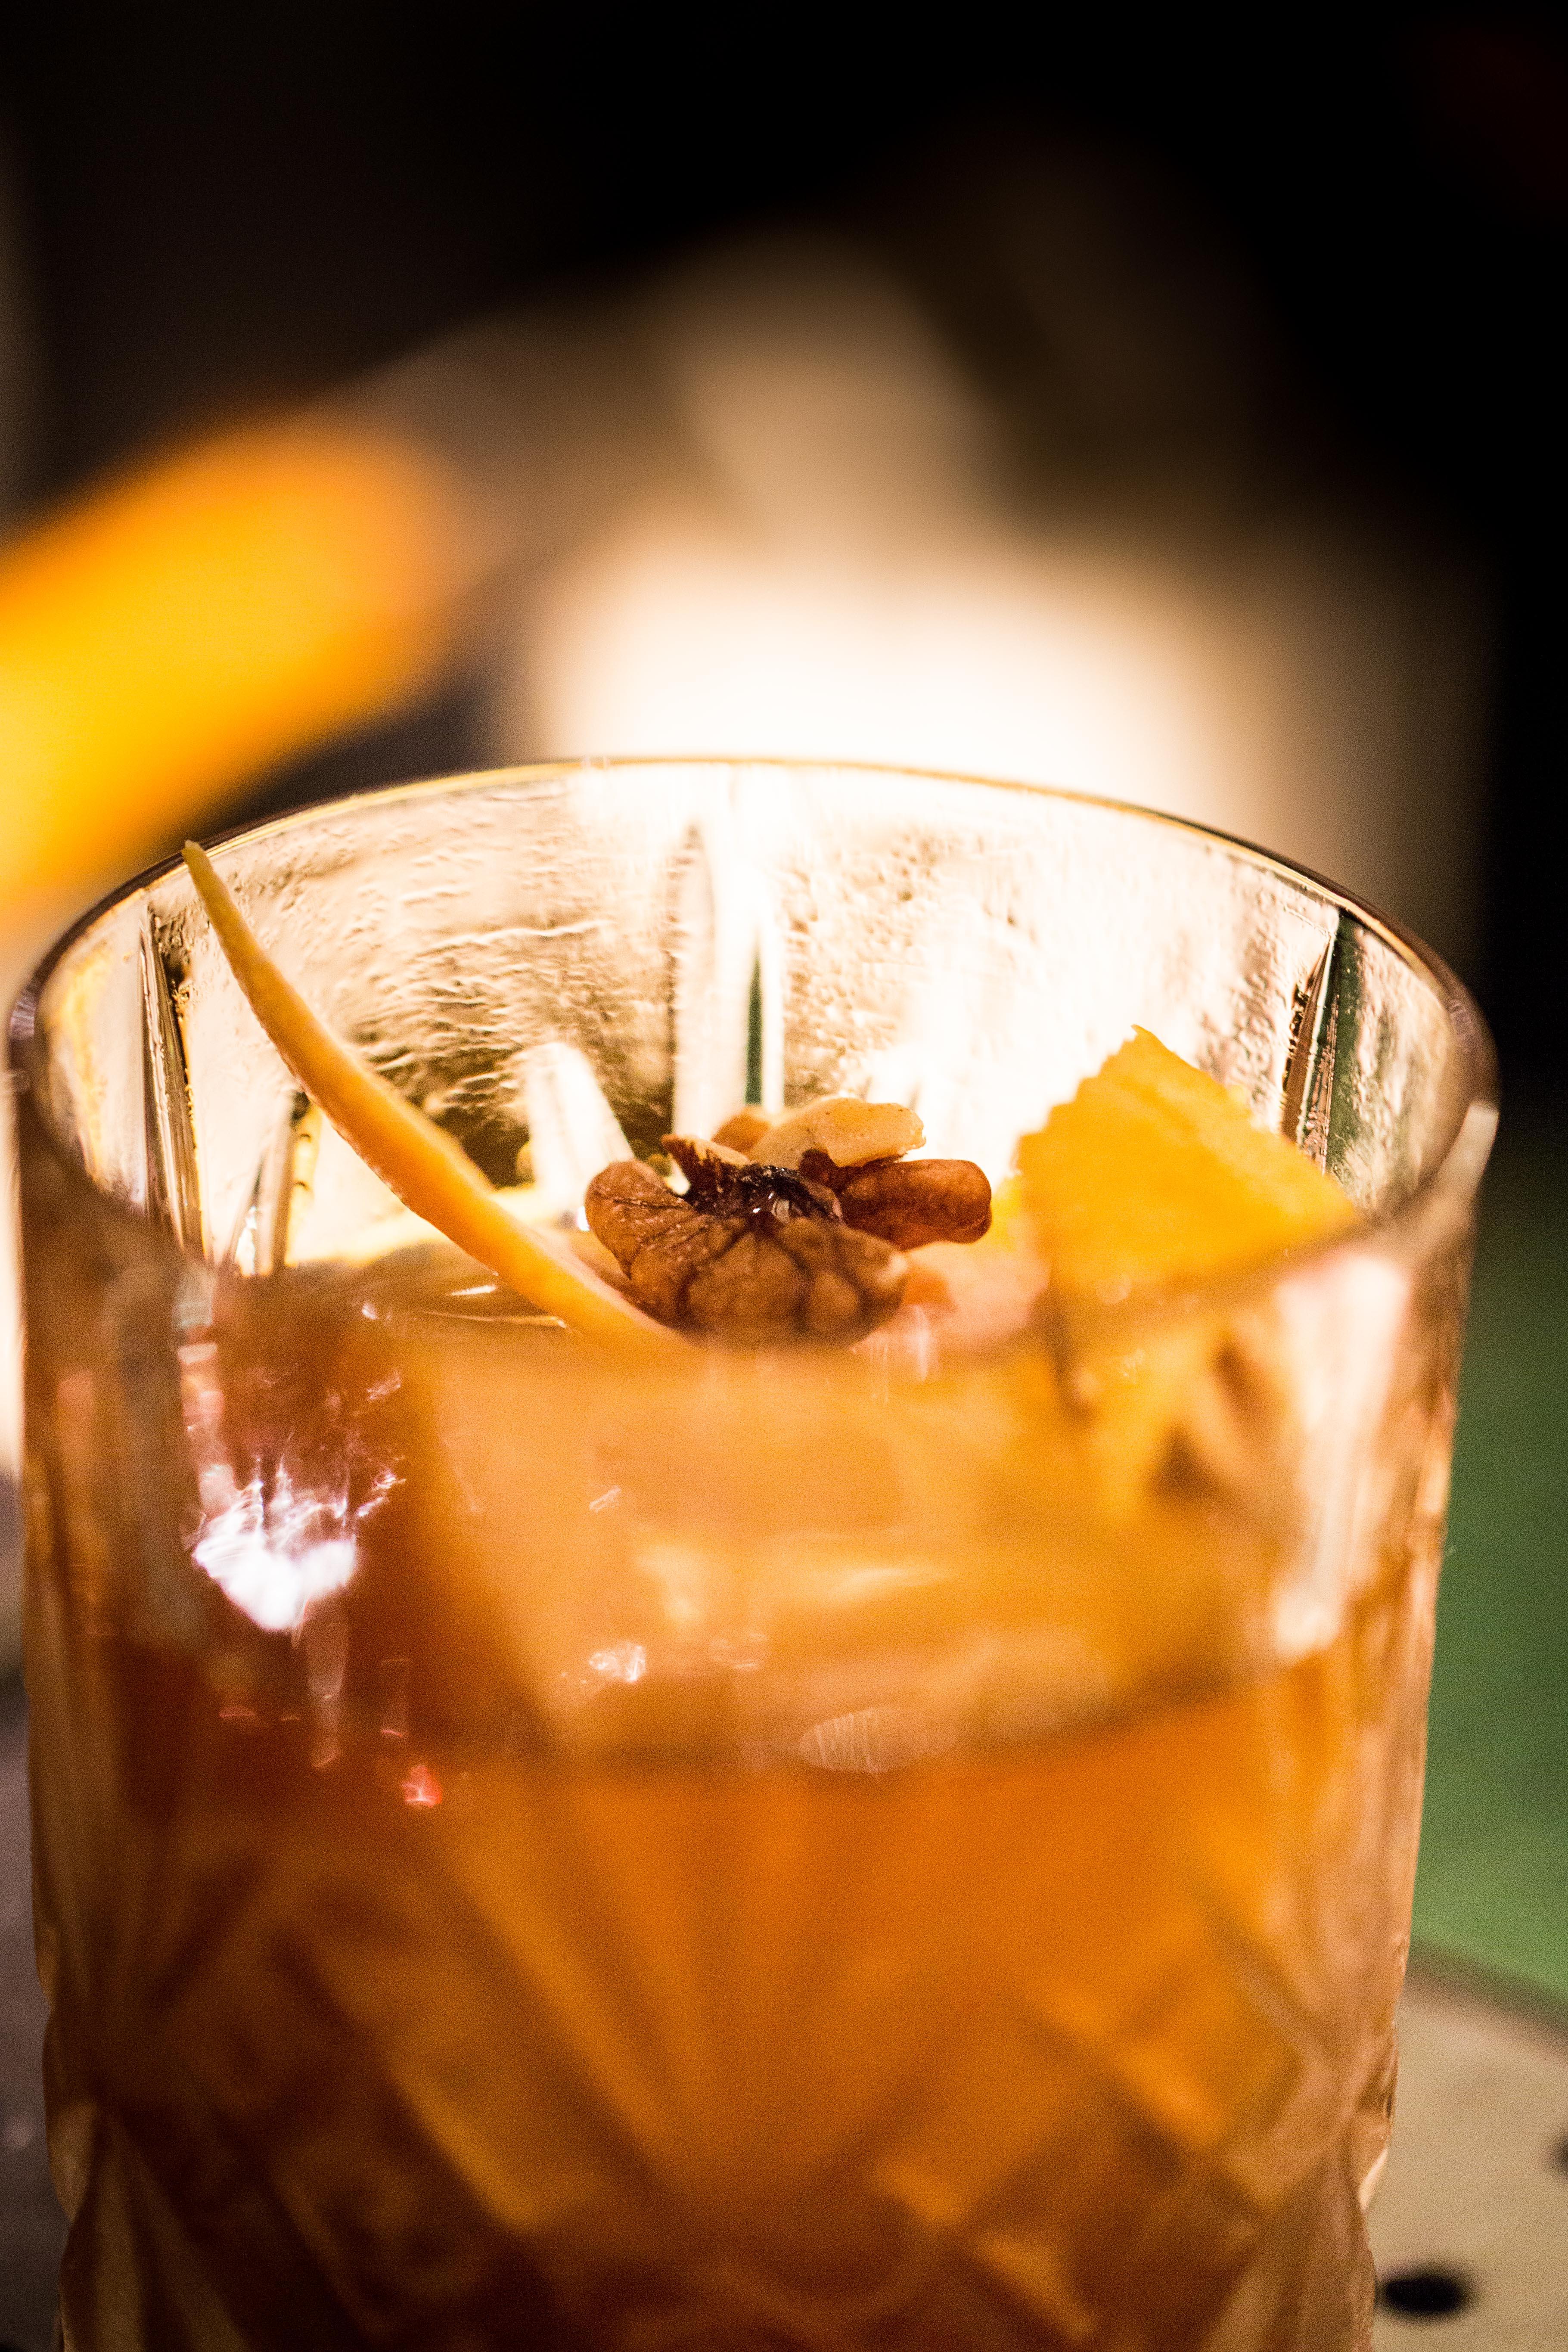 cocktail-fannygaudin-5288